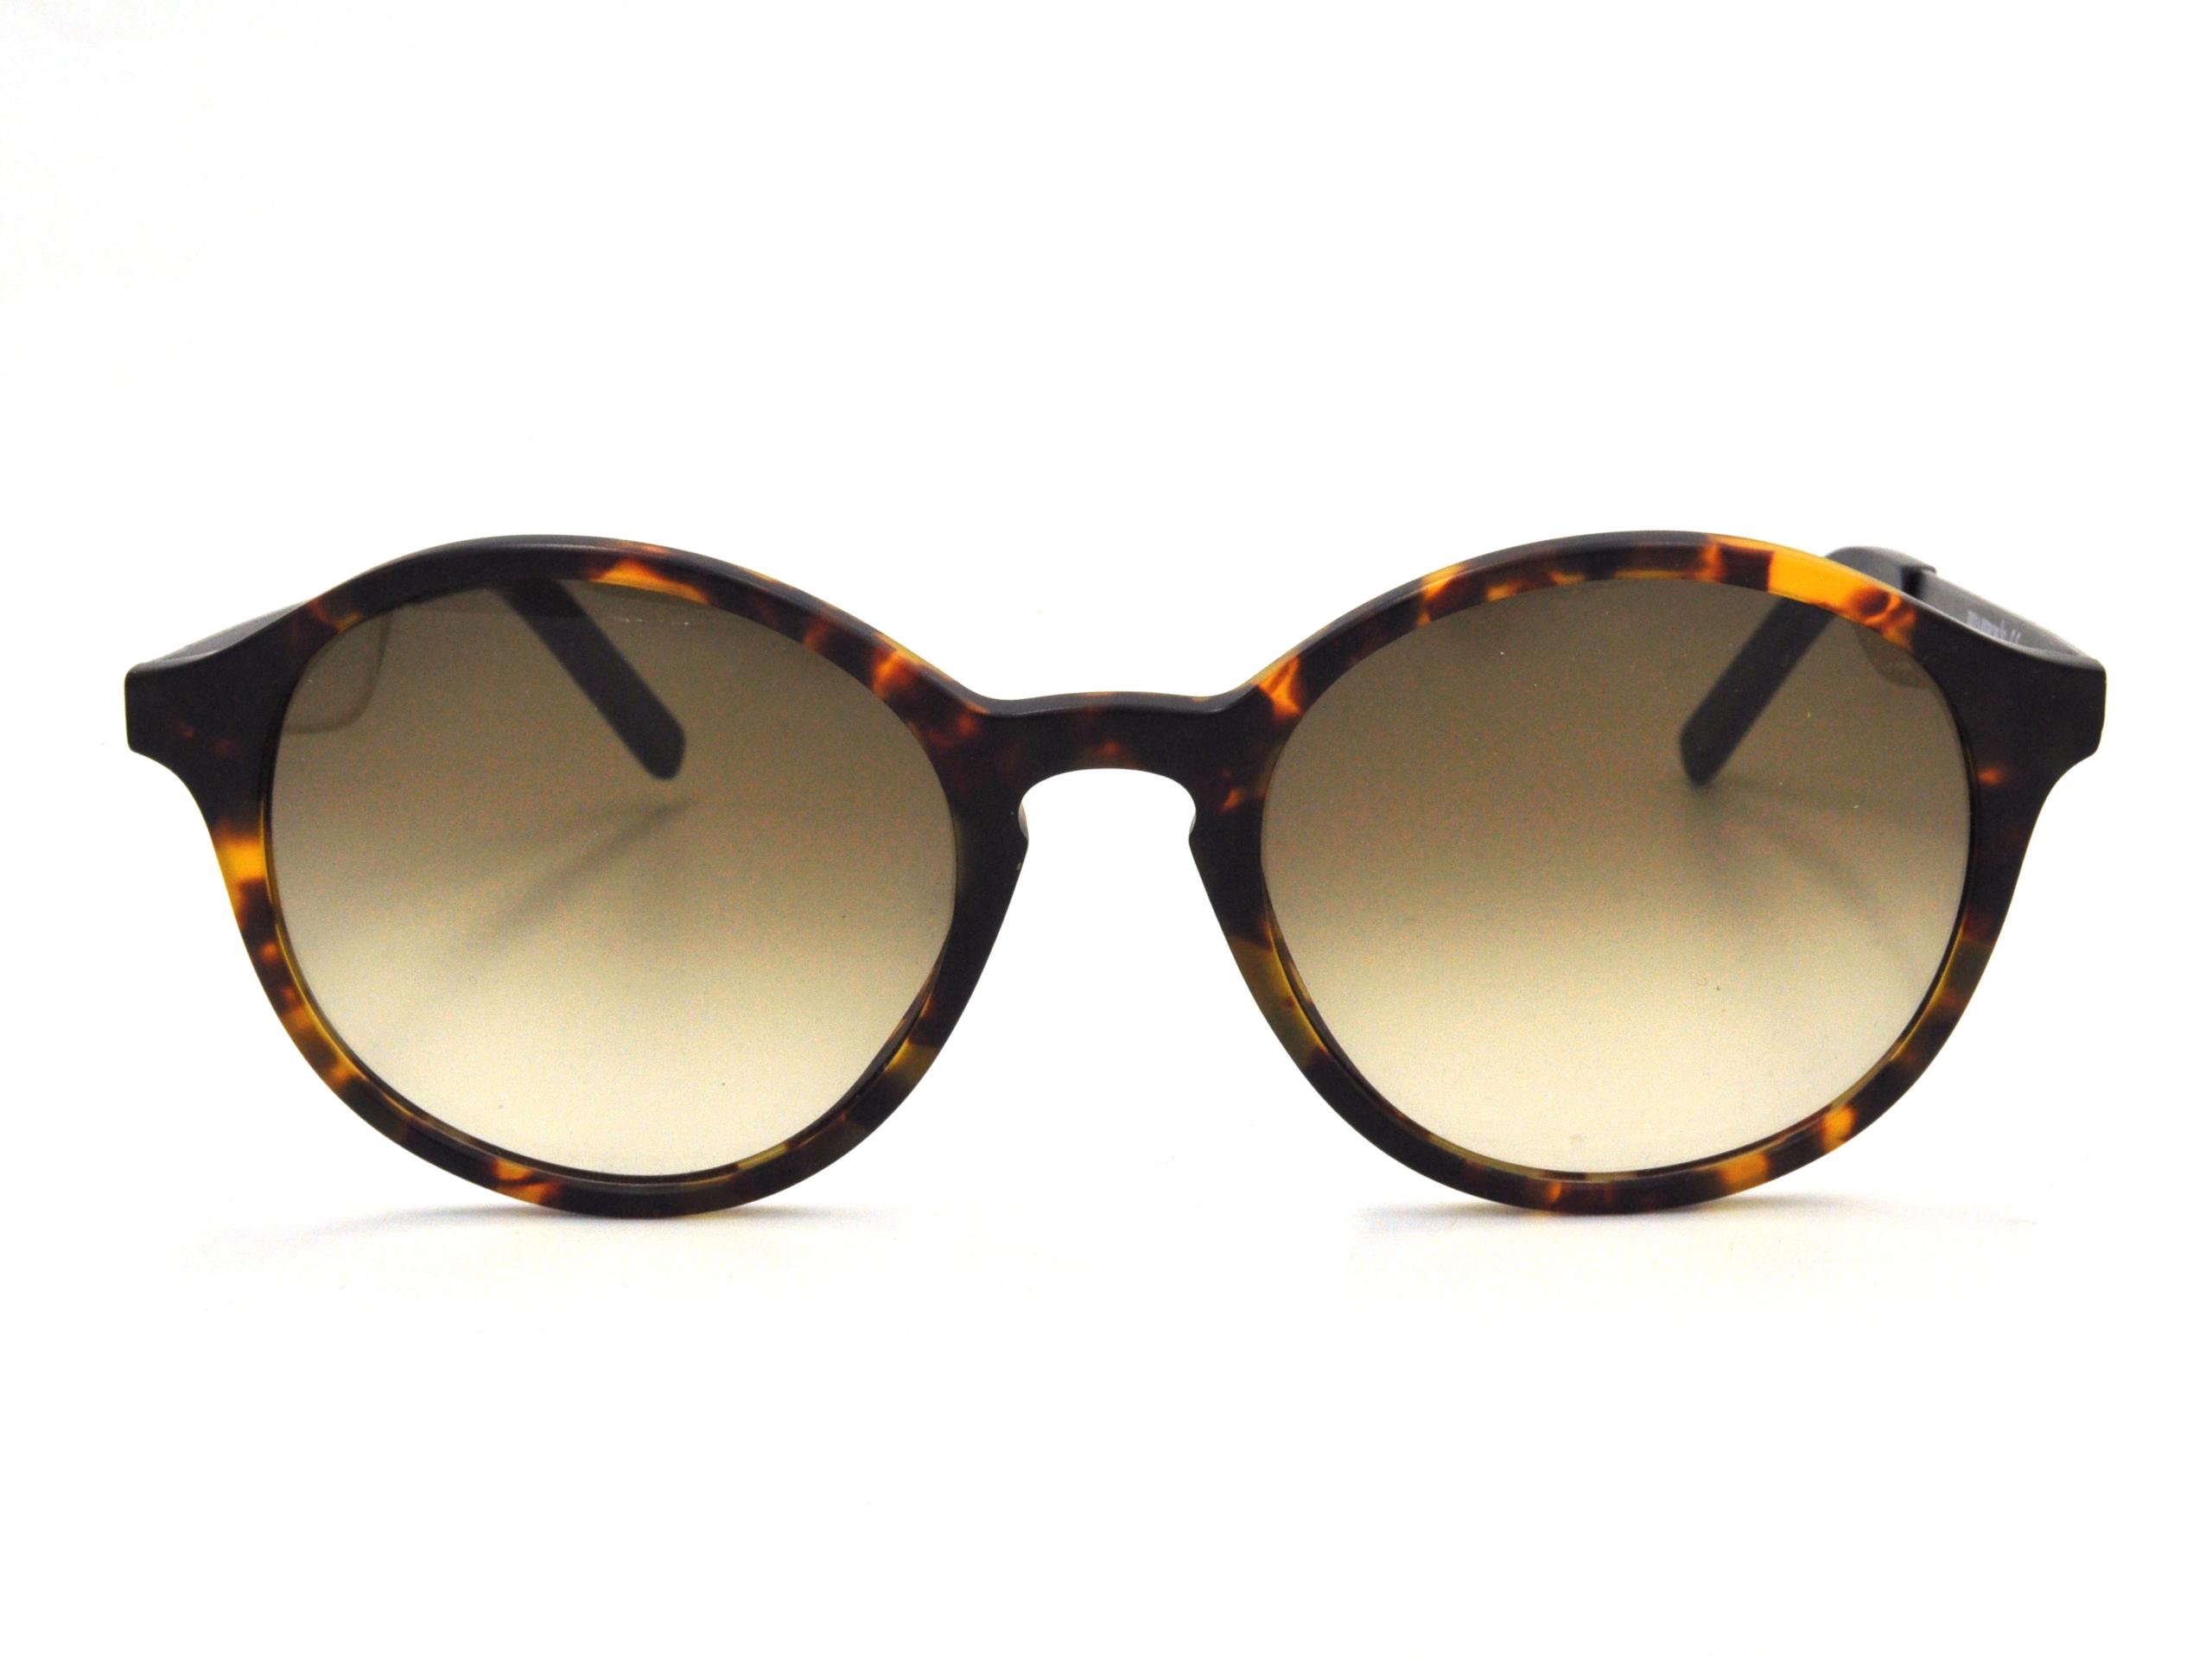 Γυαλιά ηλίου IBIZA REPUBLIC IR017 C07 50-20-140 Πειραιάς